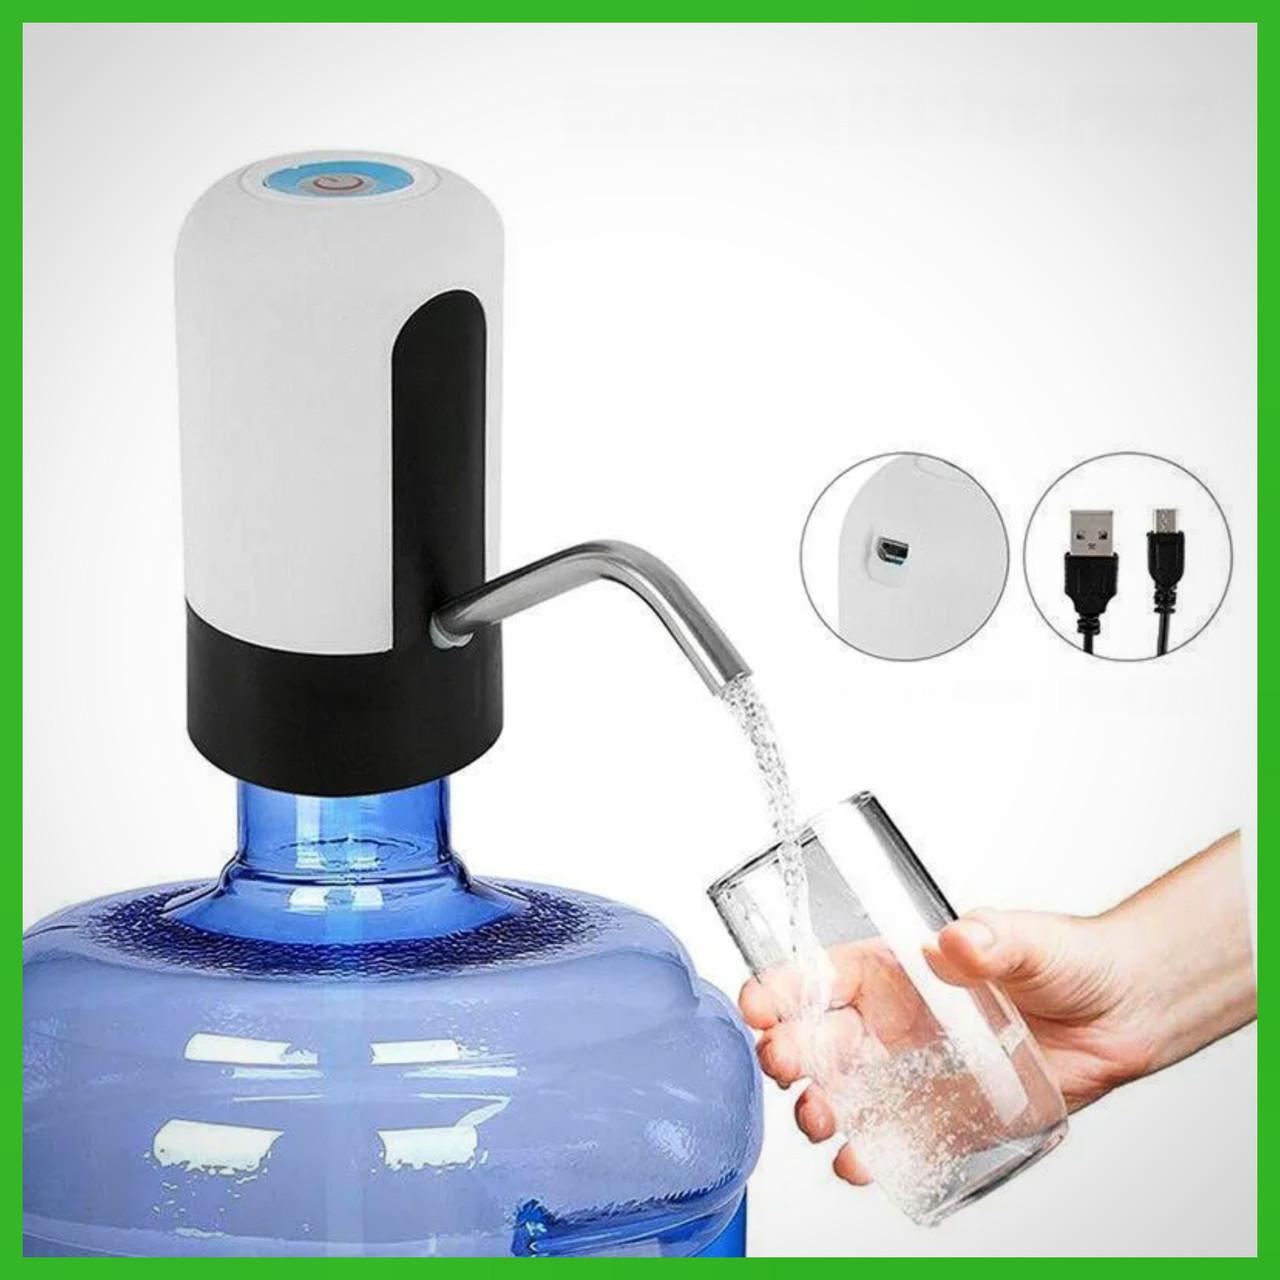 Электро помпа для бутилированной воды Water Dispenser EL-1014